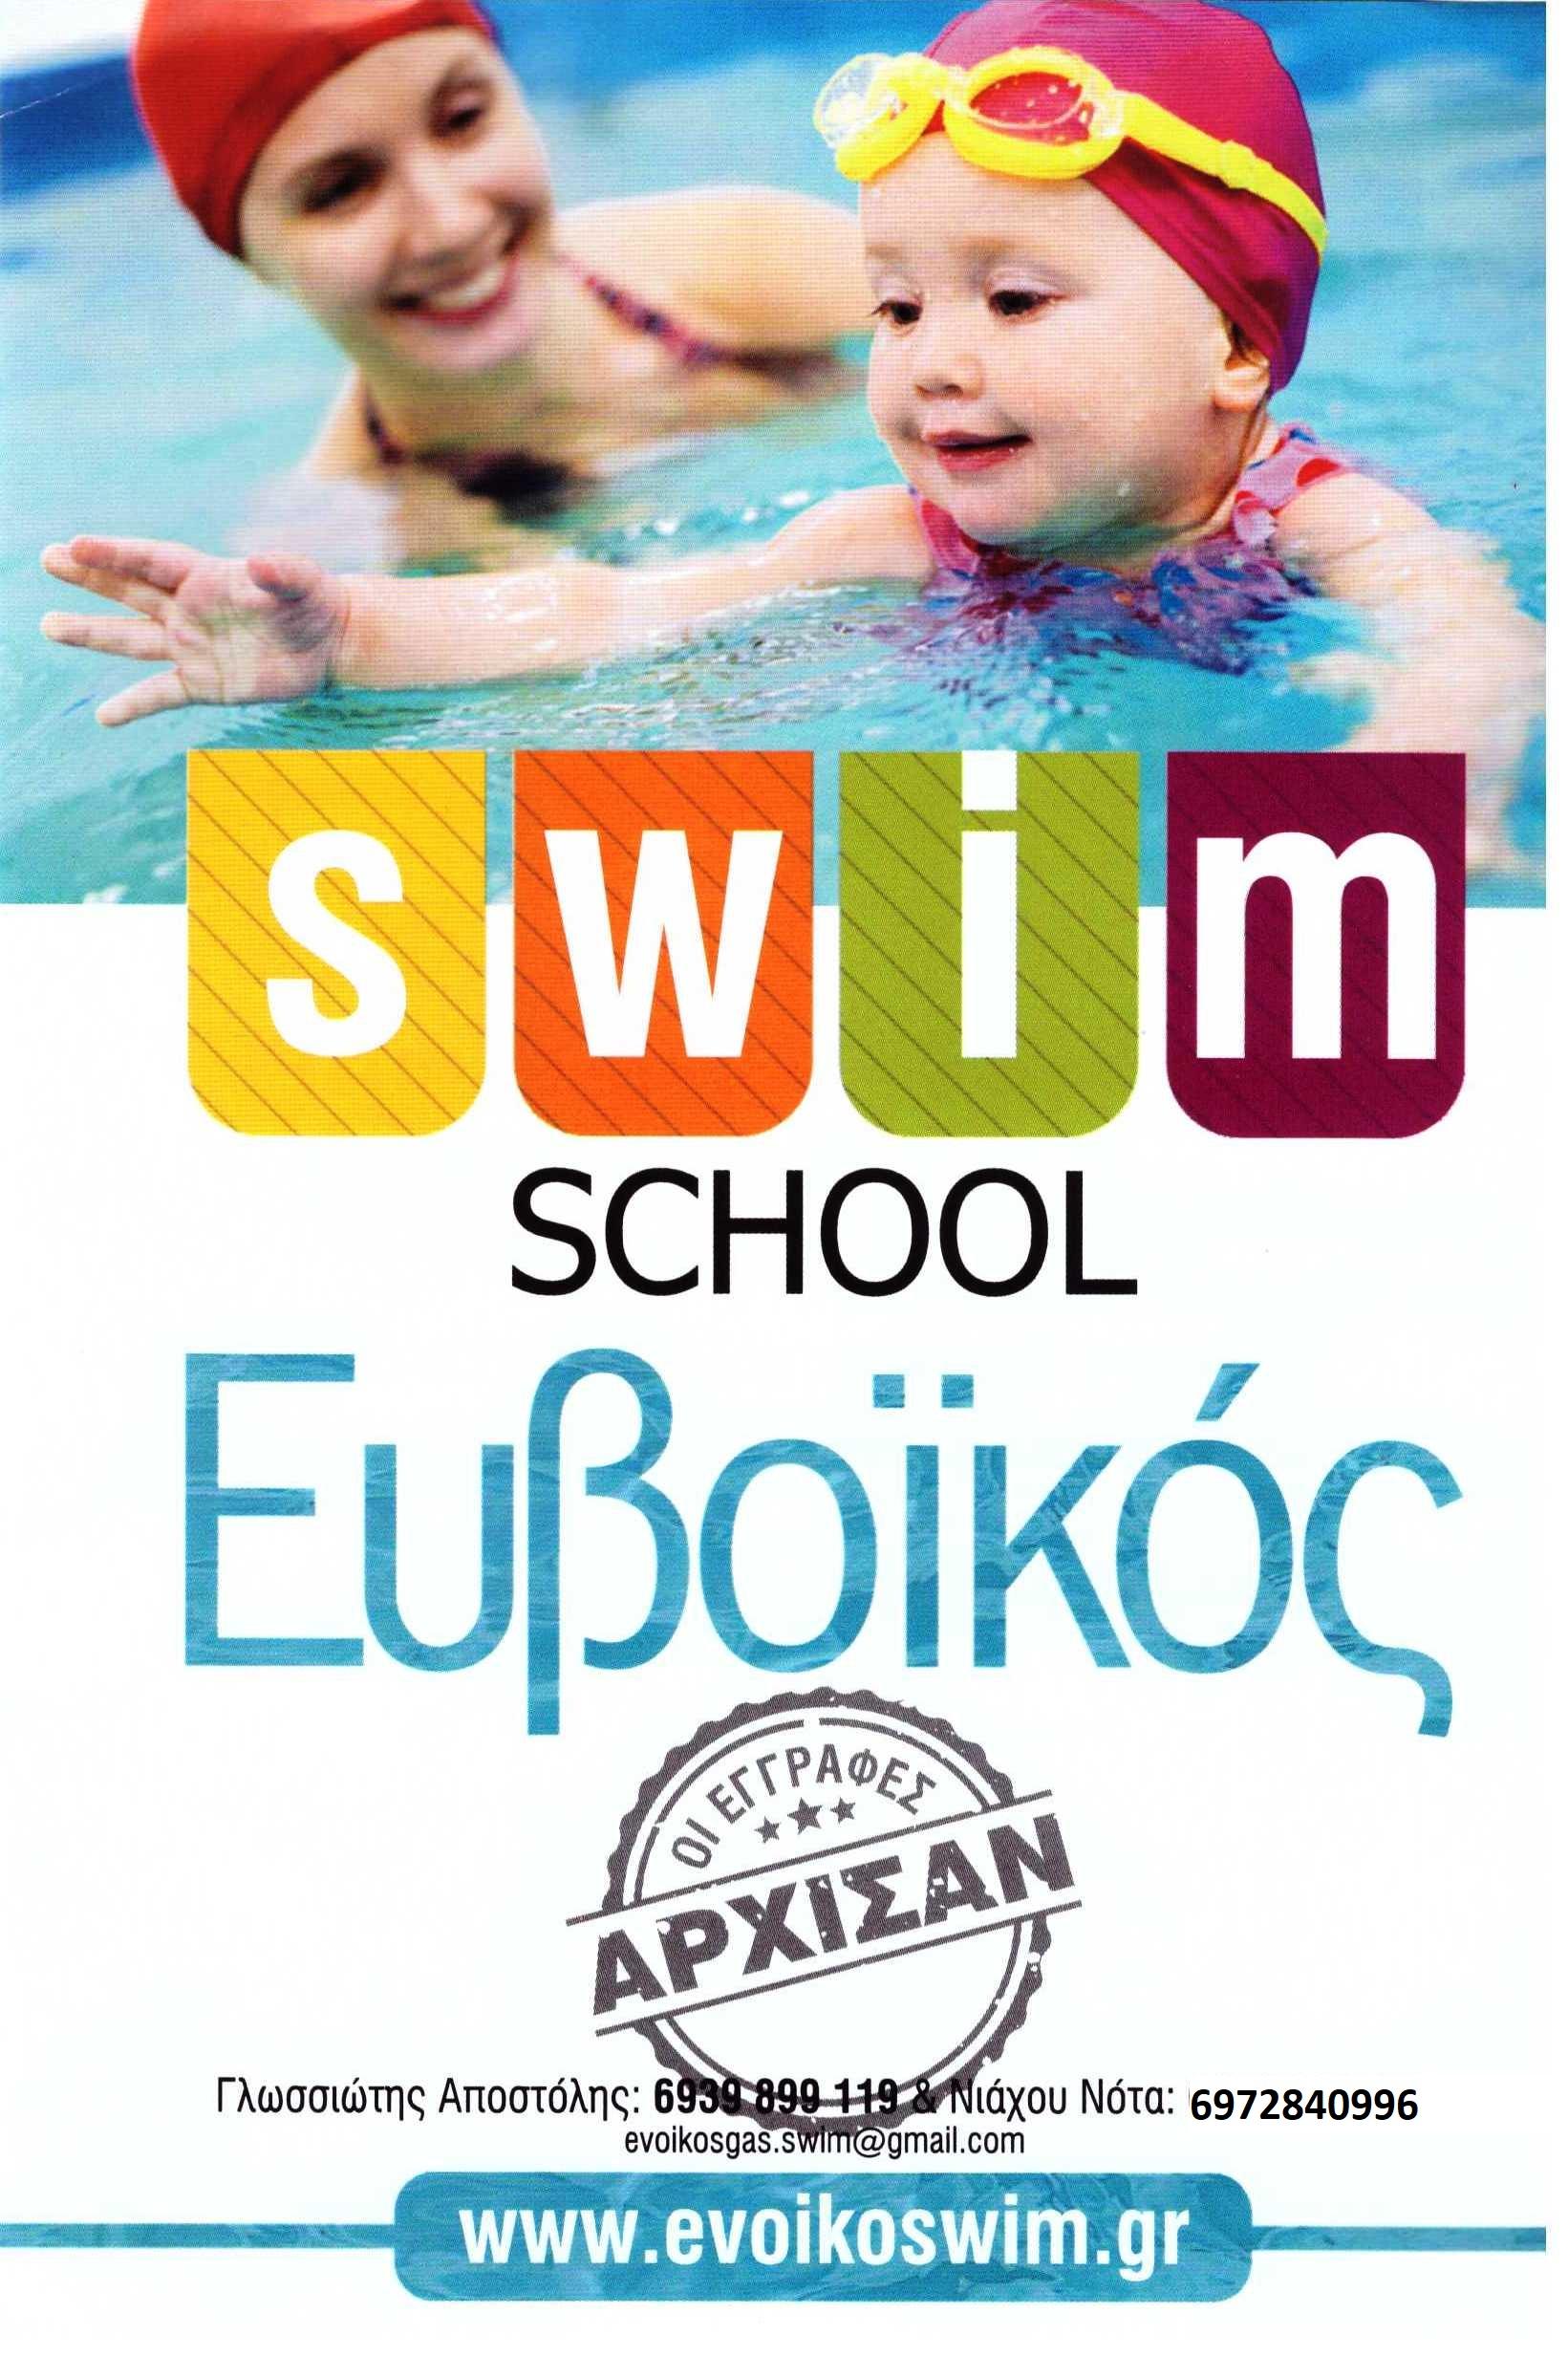 Ευβοϊκός ΓΑΣ, Επαναλειτουργεί ο Ευβοϊκός ΓΑΣ από Τρίτη 9 Ιουνίου, Eviathema.gr | ΕΥΒΟΙΑ ΝΕΑ - Νέα και ειδήσεις από όλη την Εύβοια